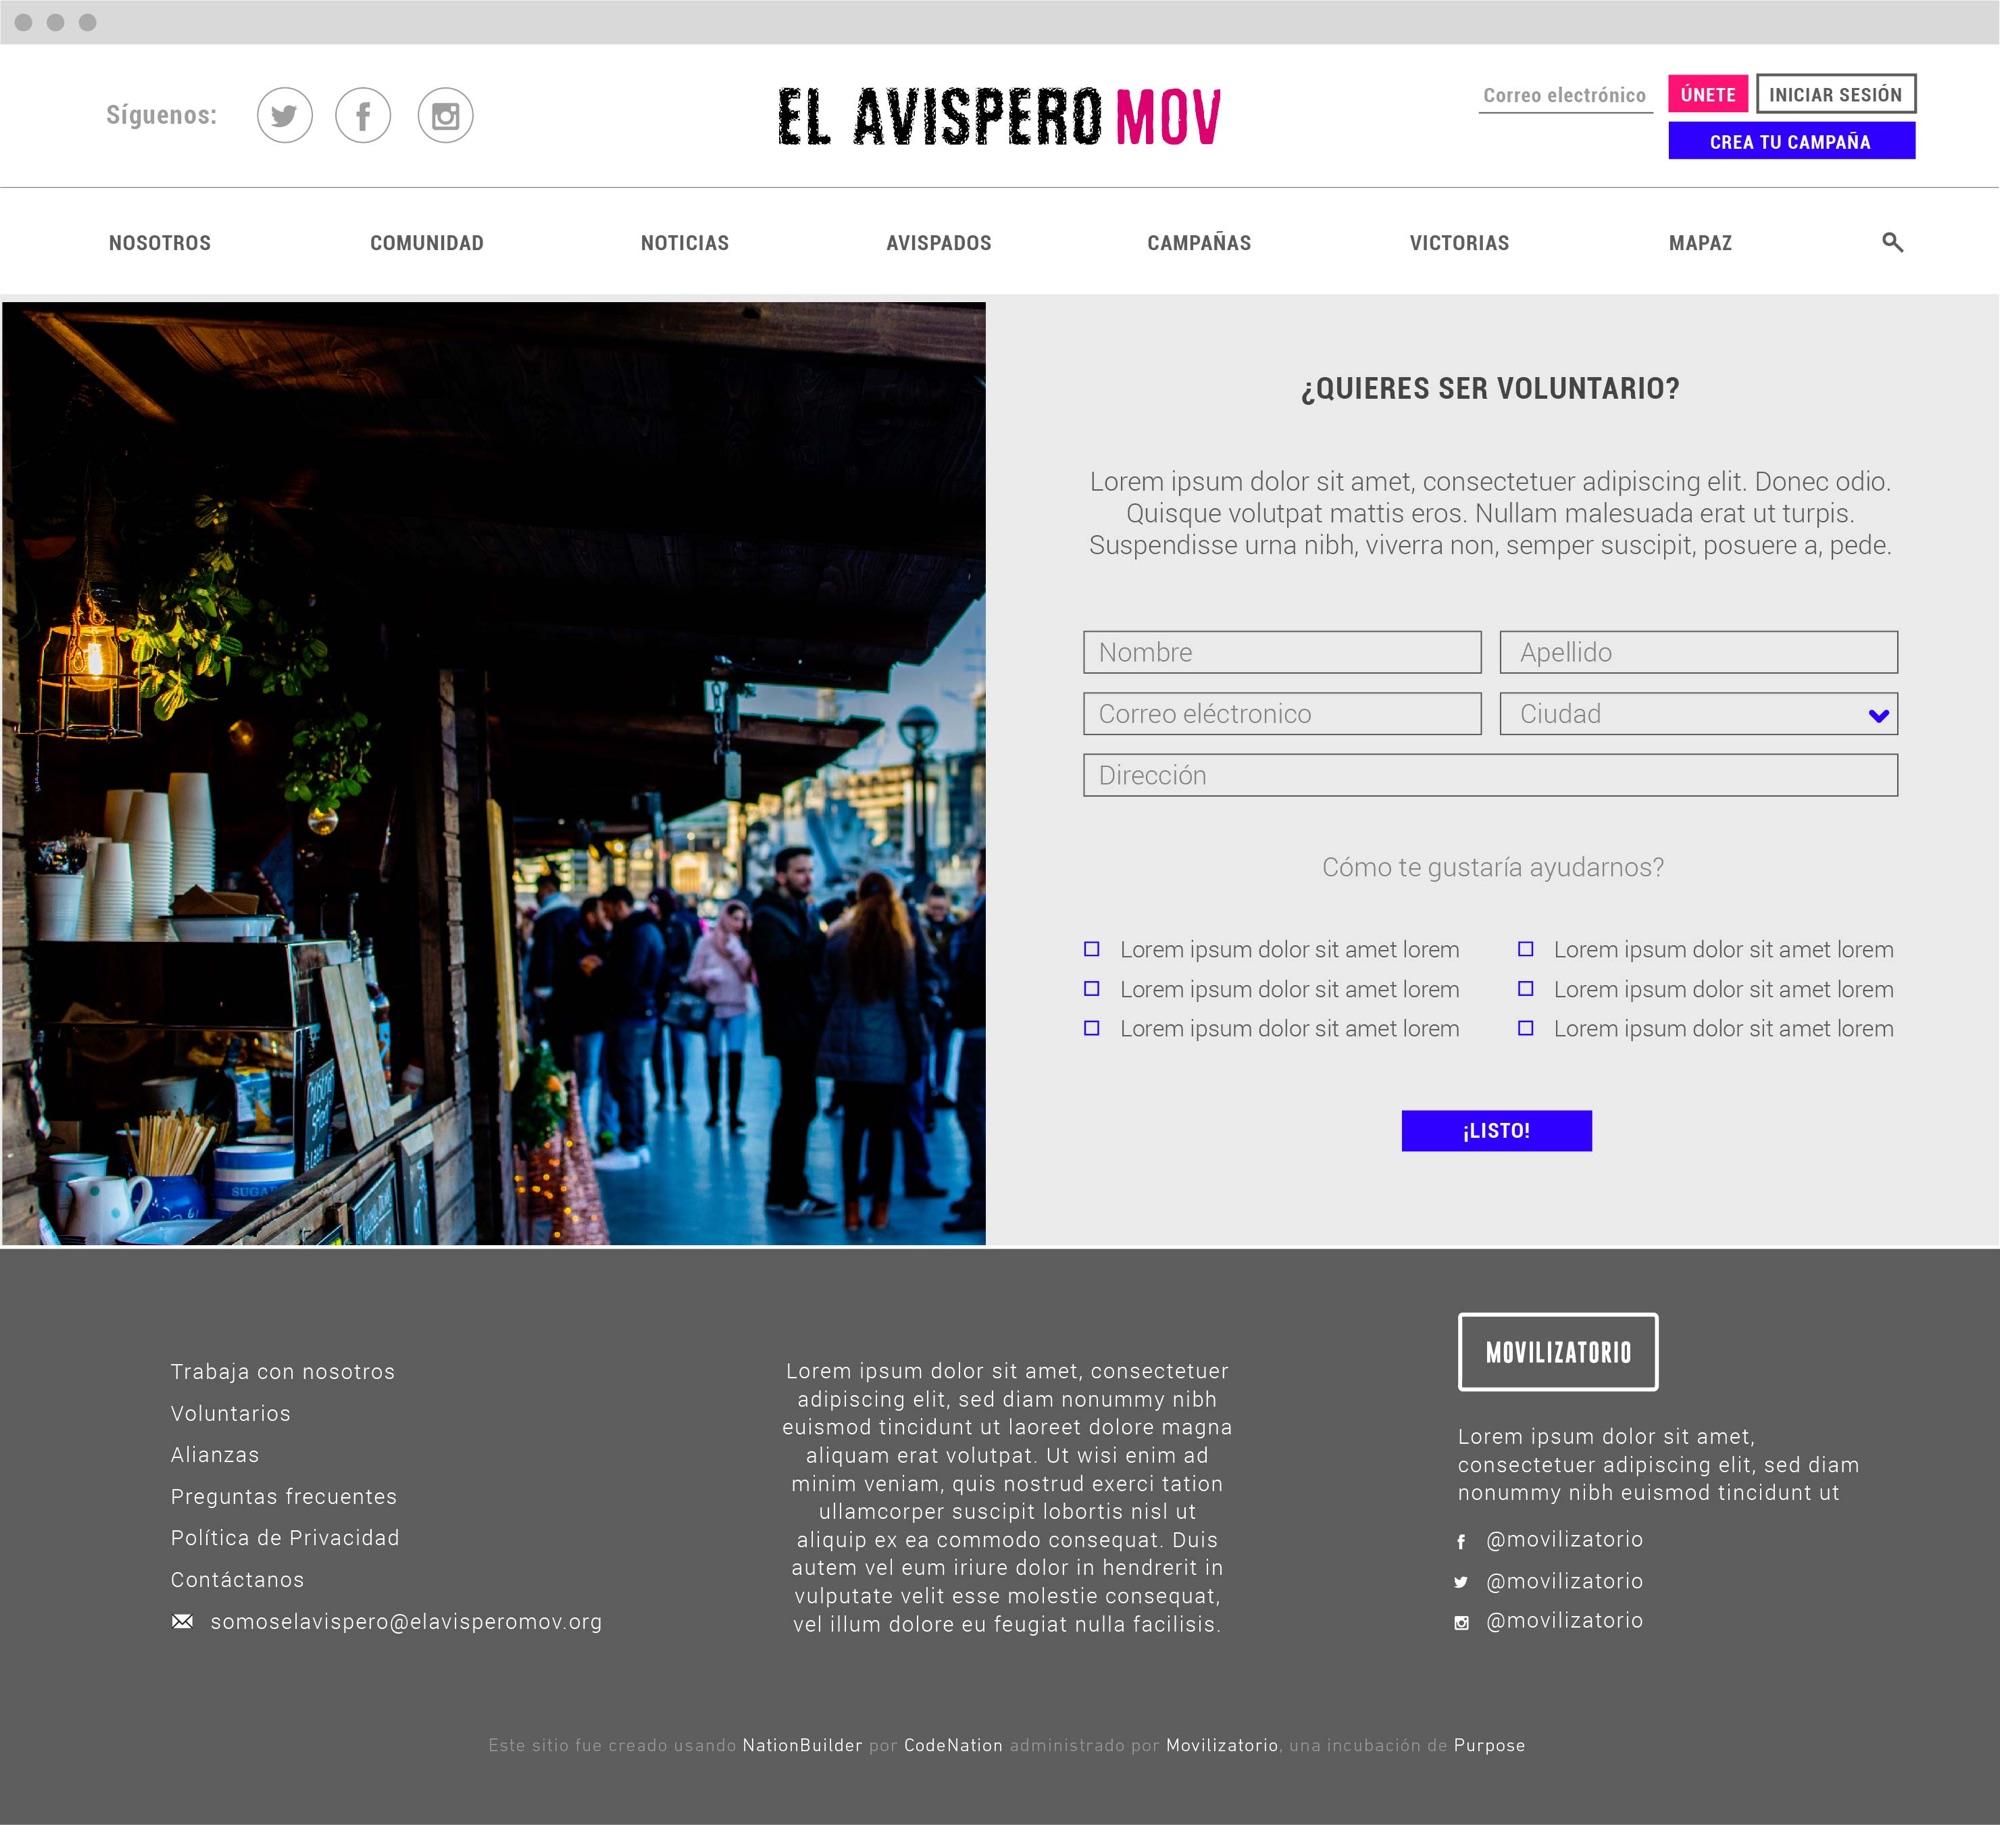 ELAVISPERO_MOCKUPS-06.jpg